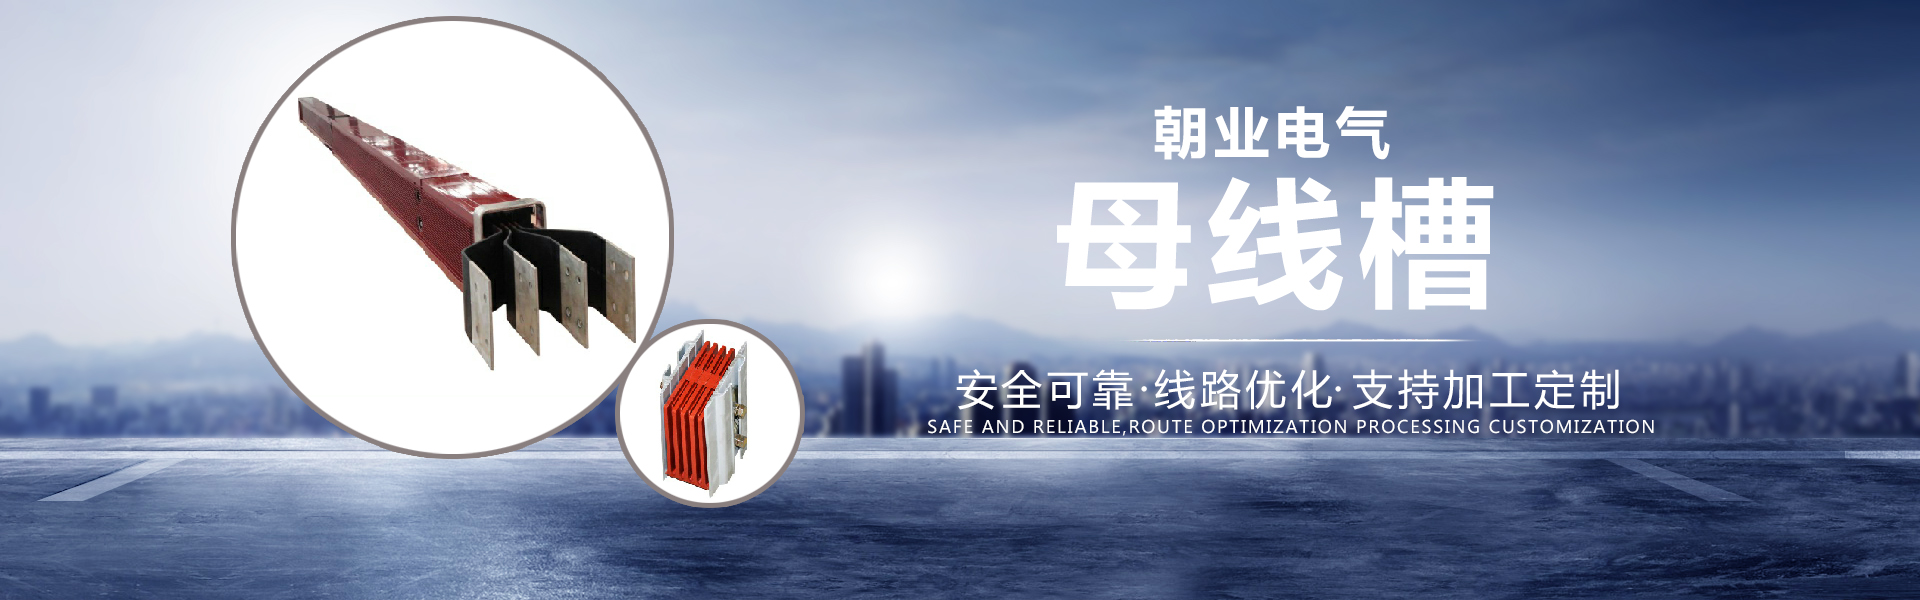 乐虎国际手机_乐虎国际手机版_乐虎国际官方网手机版轮播图